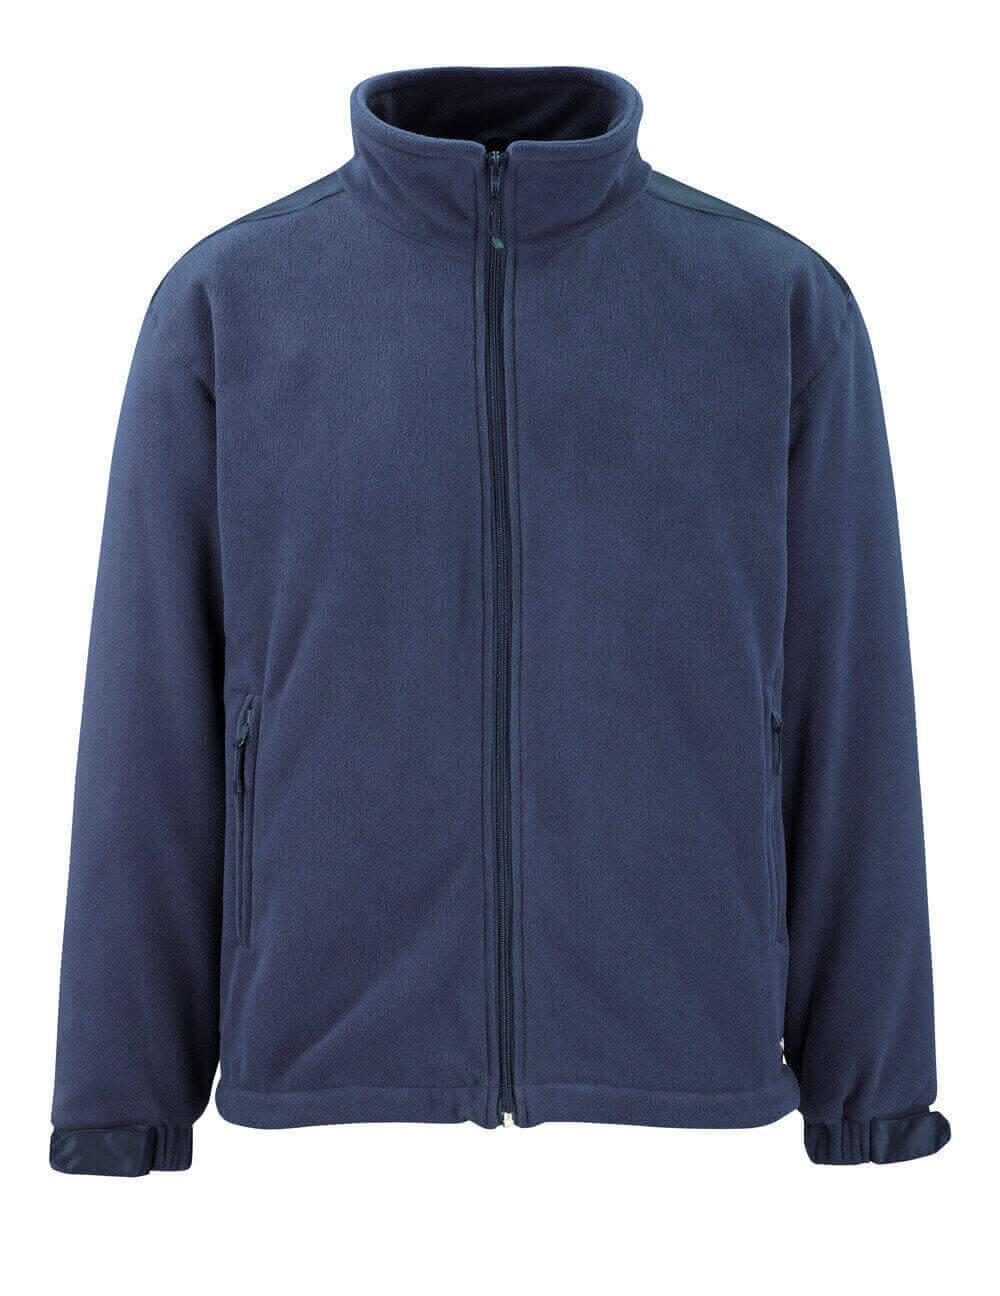 06542-151-01 Fleece jas - marine